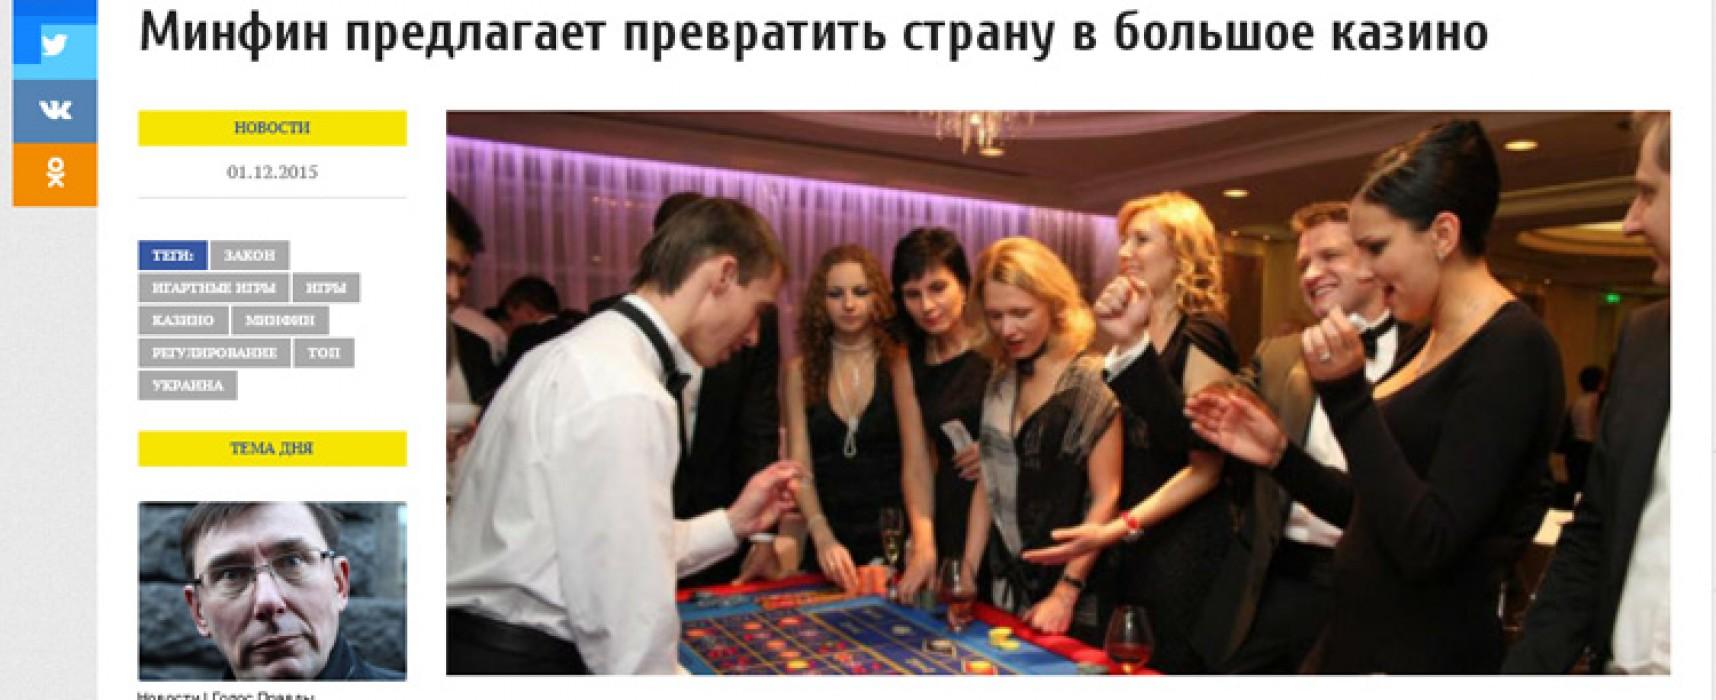 Фейк: Министерството на финансите предлага да превърне Украйна в голямо казино